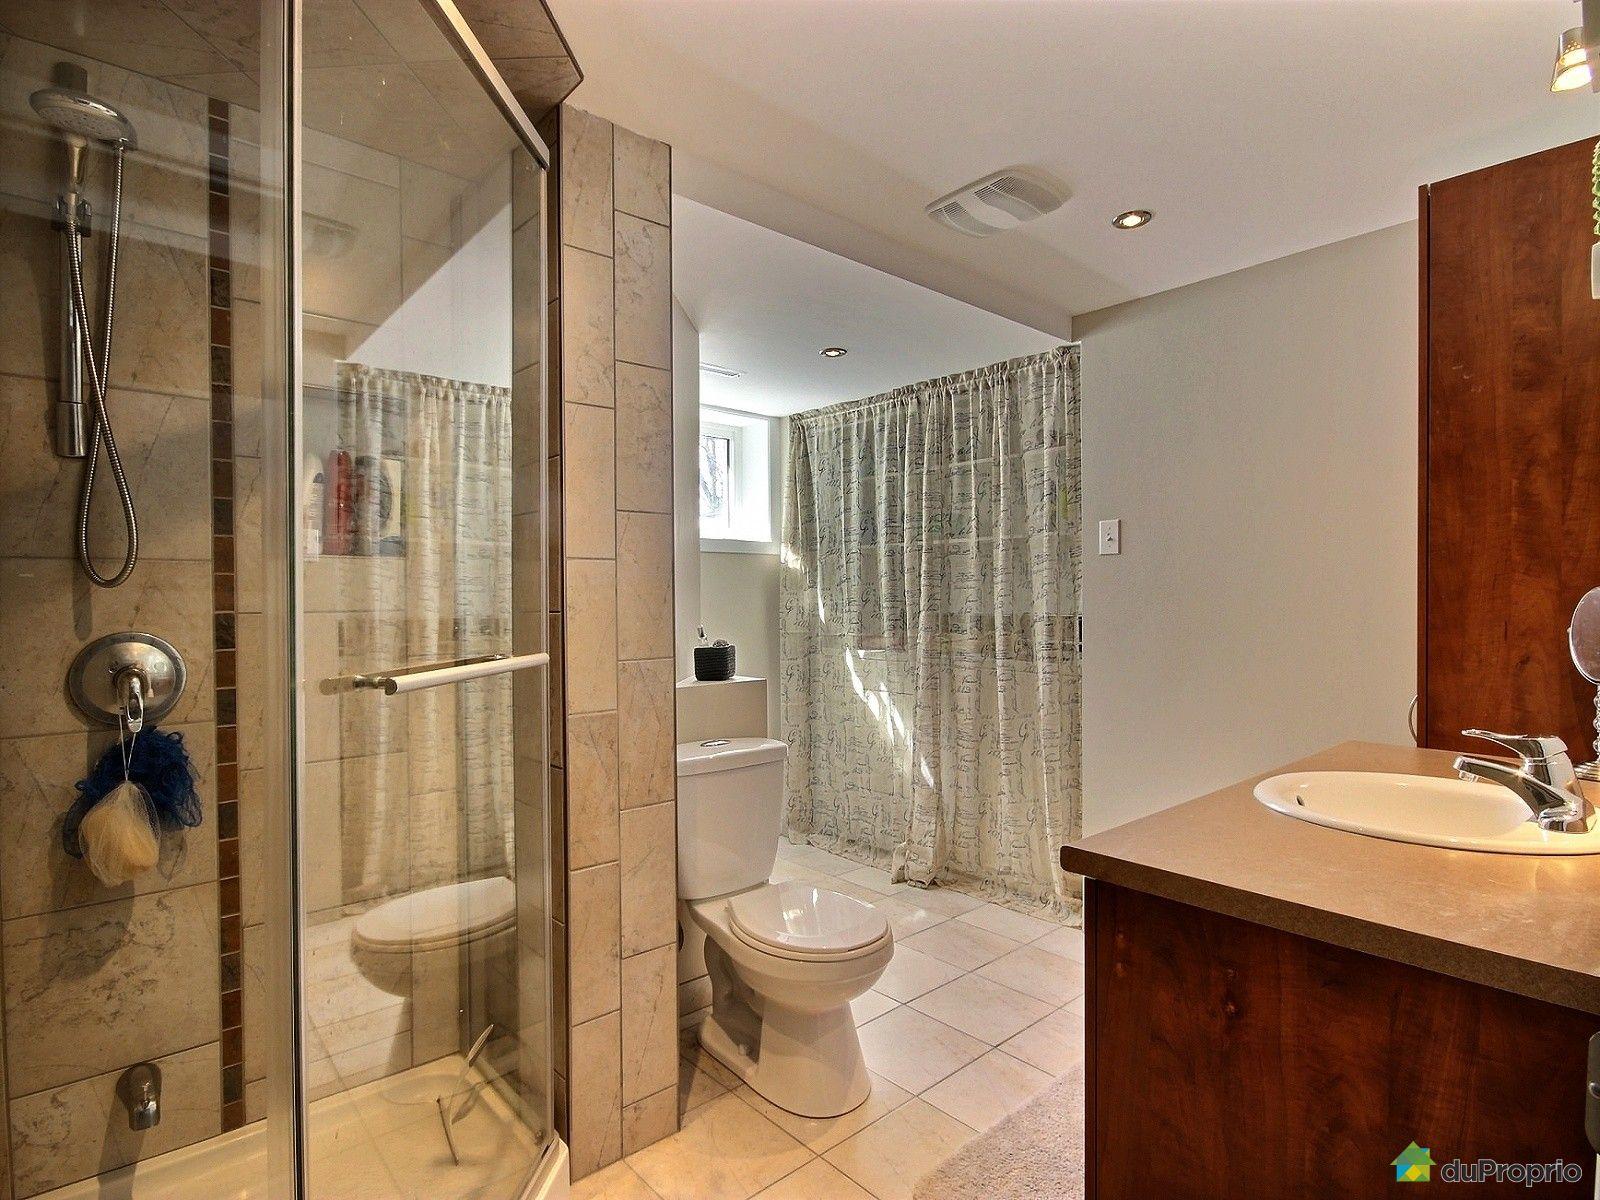 Maison vendu st j r me immobilier qu bec duproprio 593551 for Accessoire salle de bain st jerome